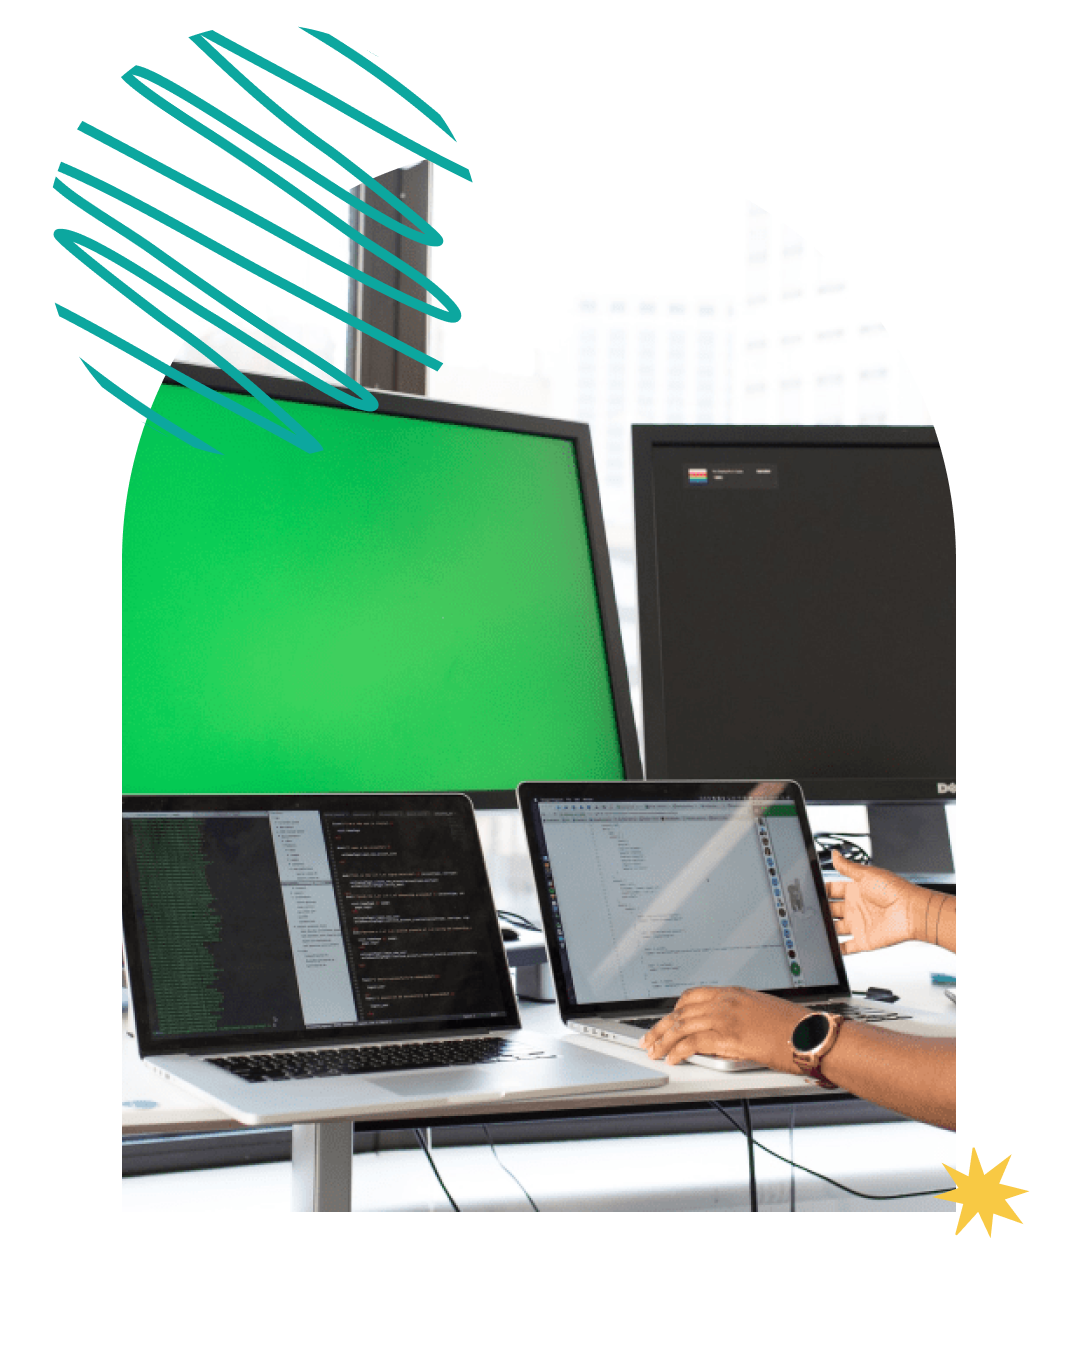 A web developer at her desk working